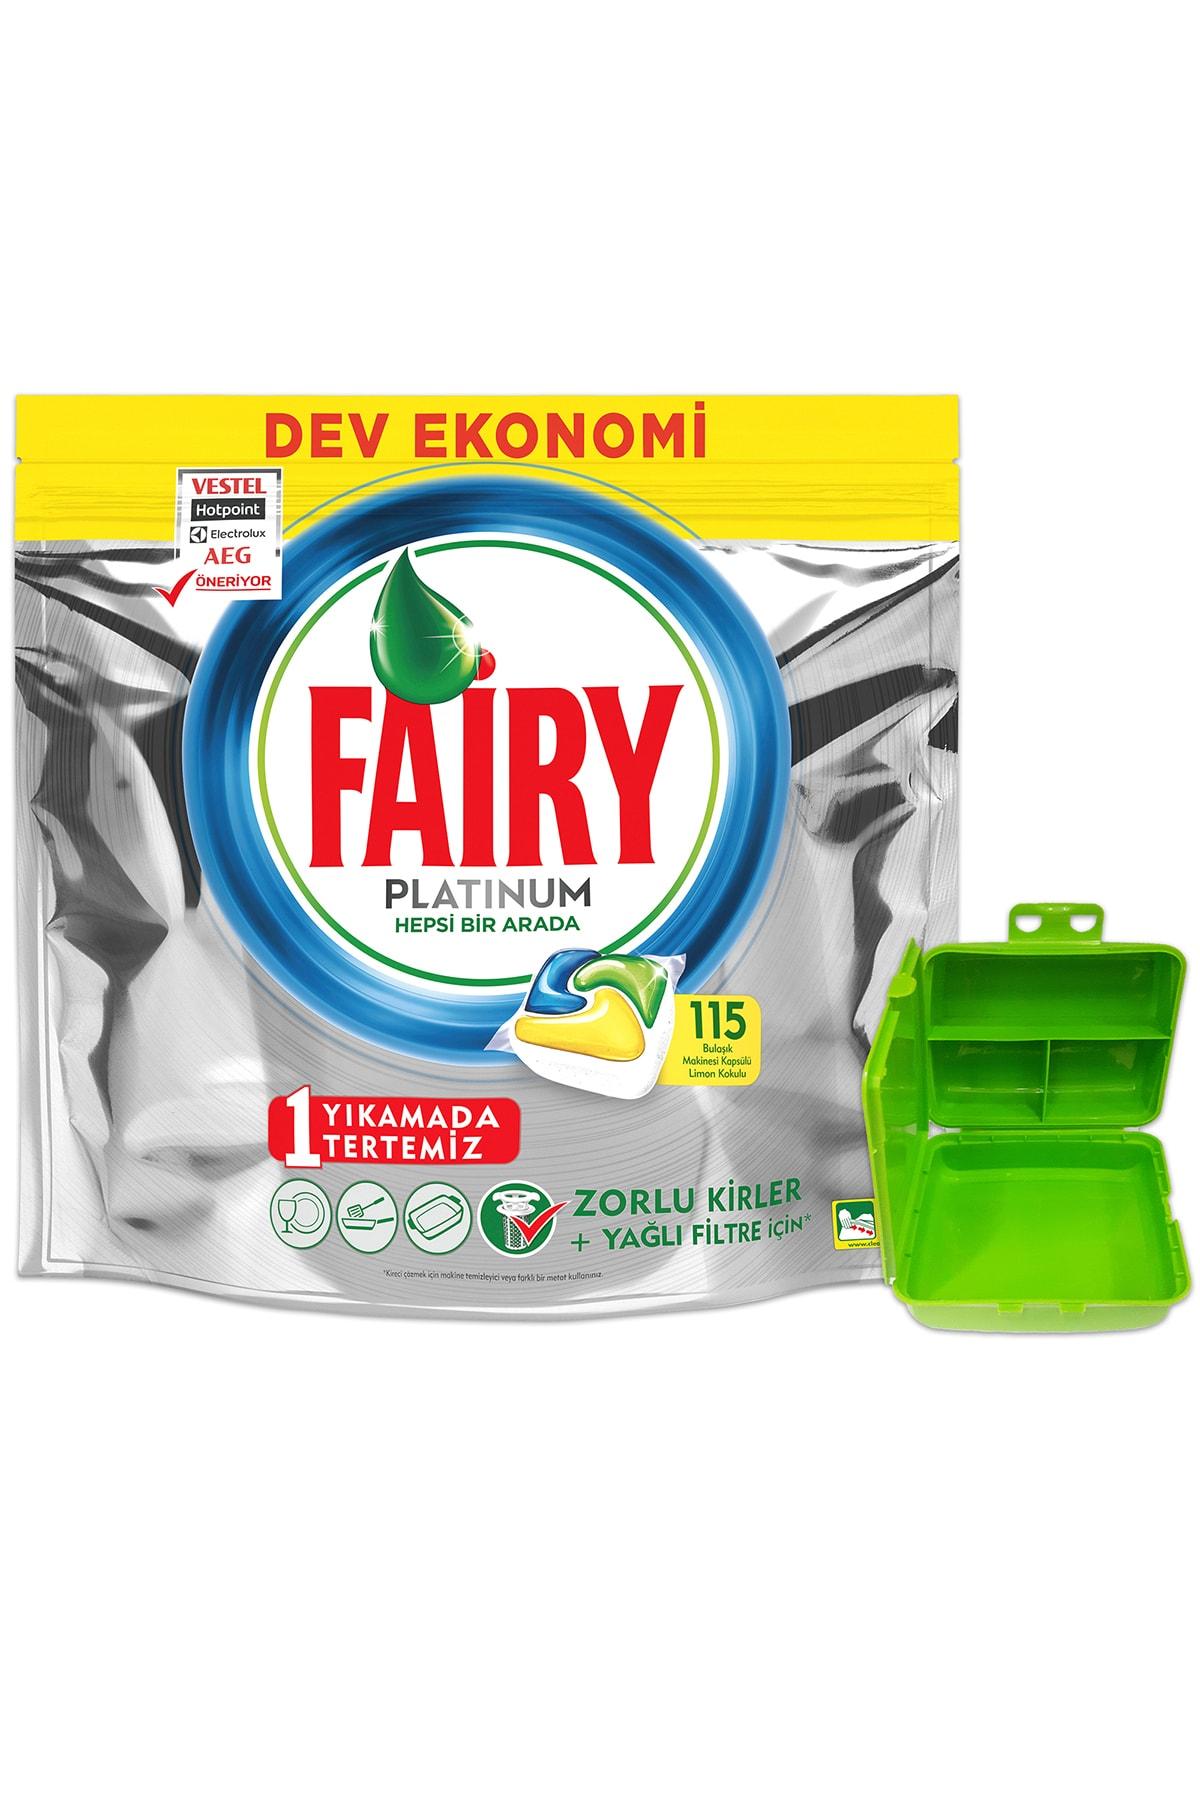 Fairy Platınum 115 Yıkama Bulaşık Makinesi Kapsul Limon Kokulu (beslenme Kutusu Hediye) 0